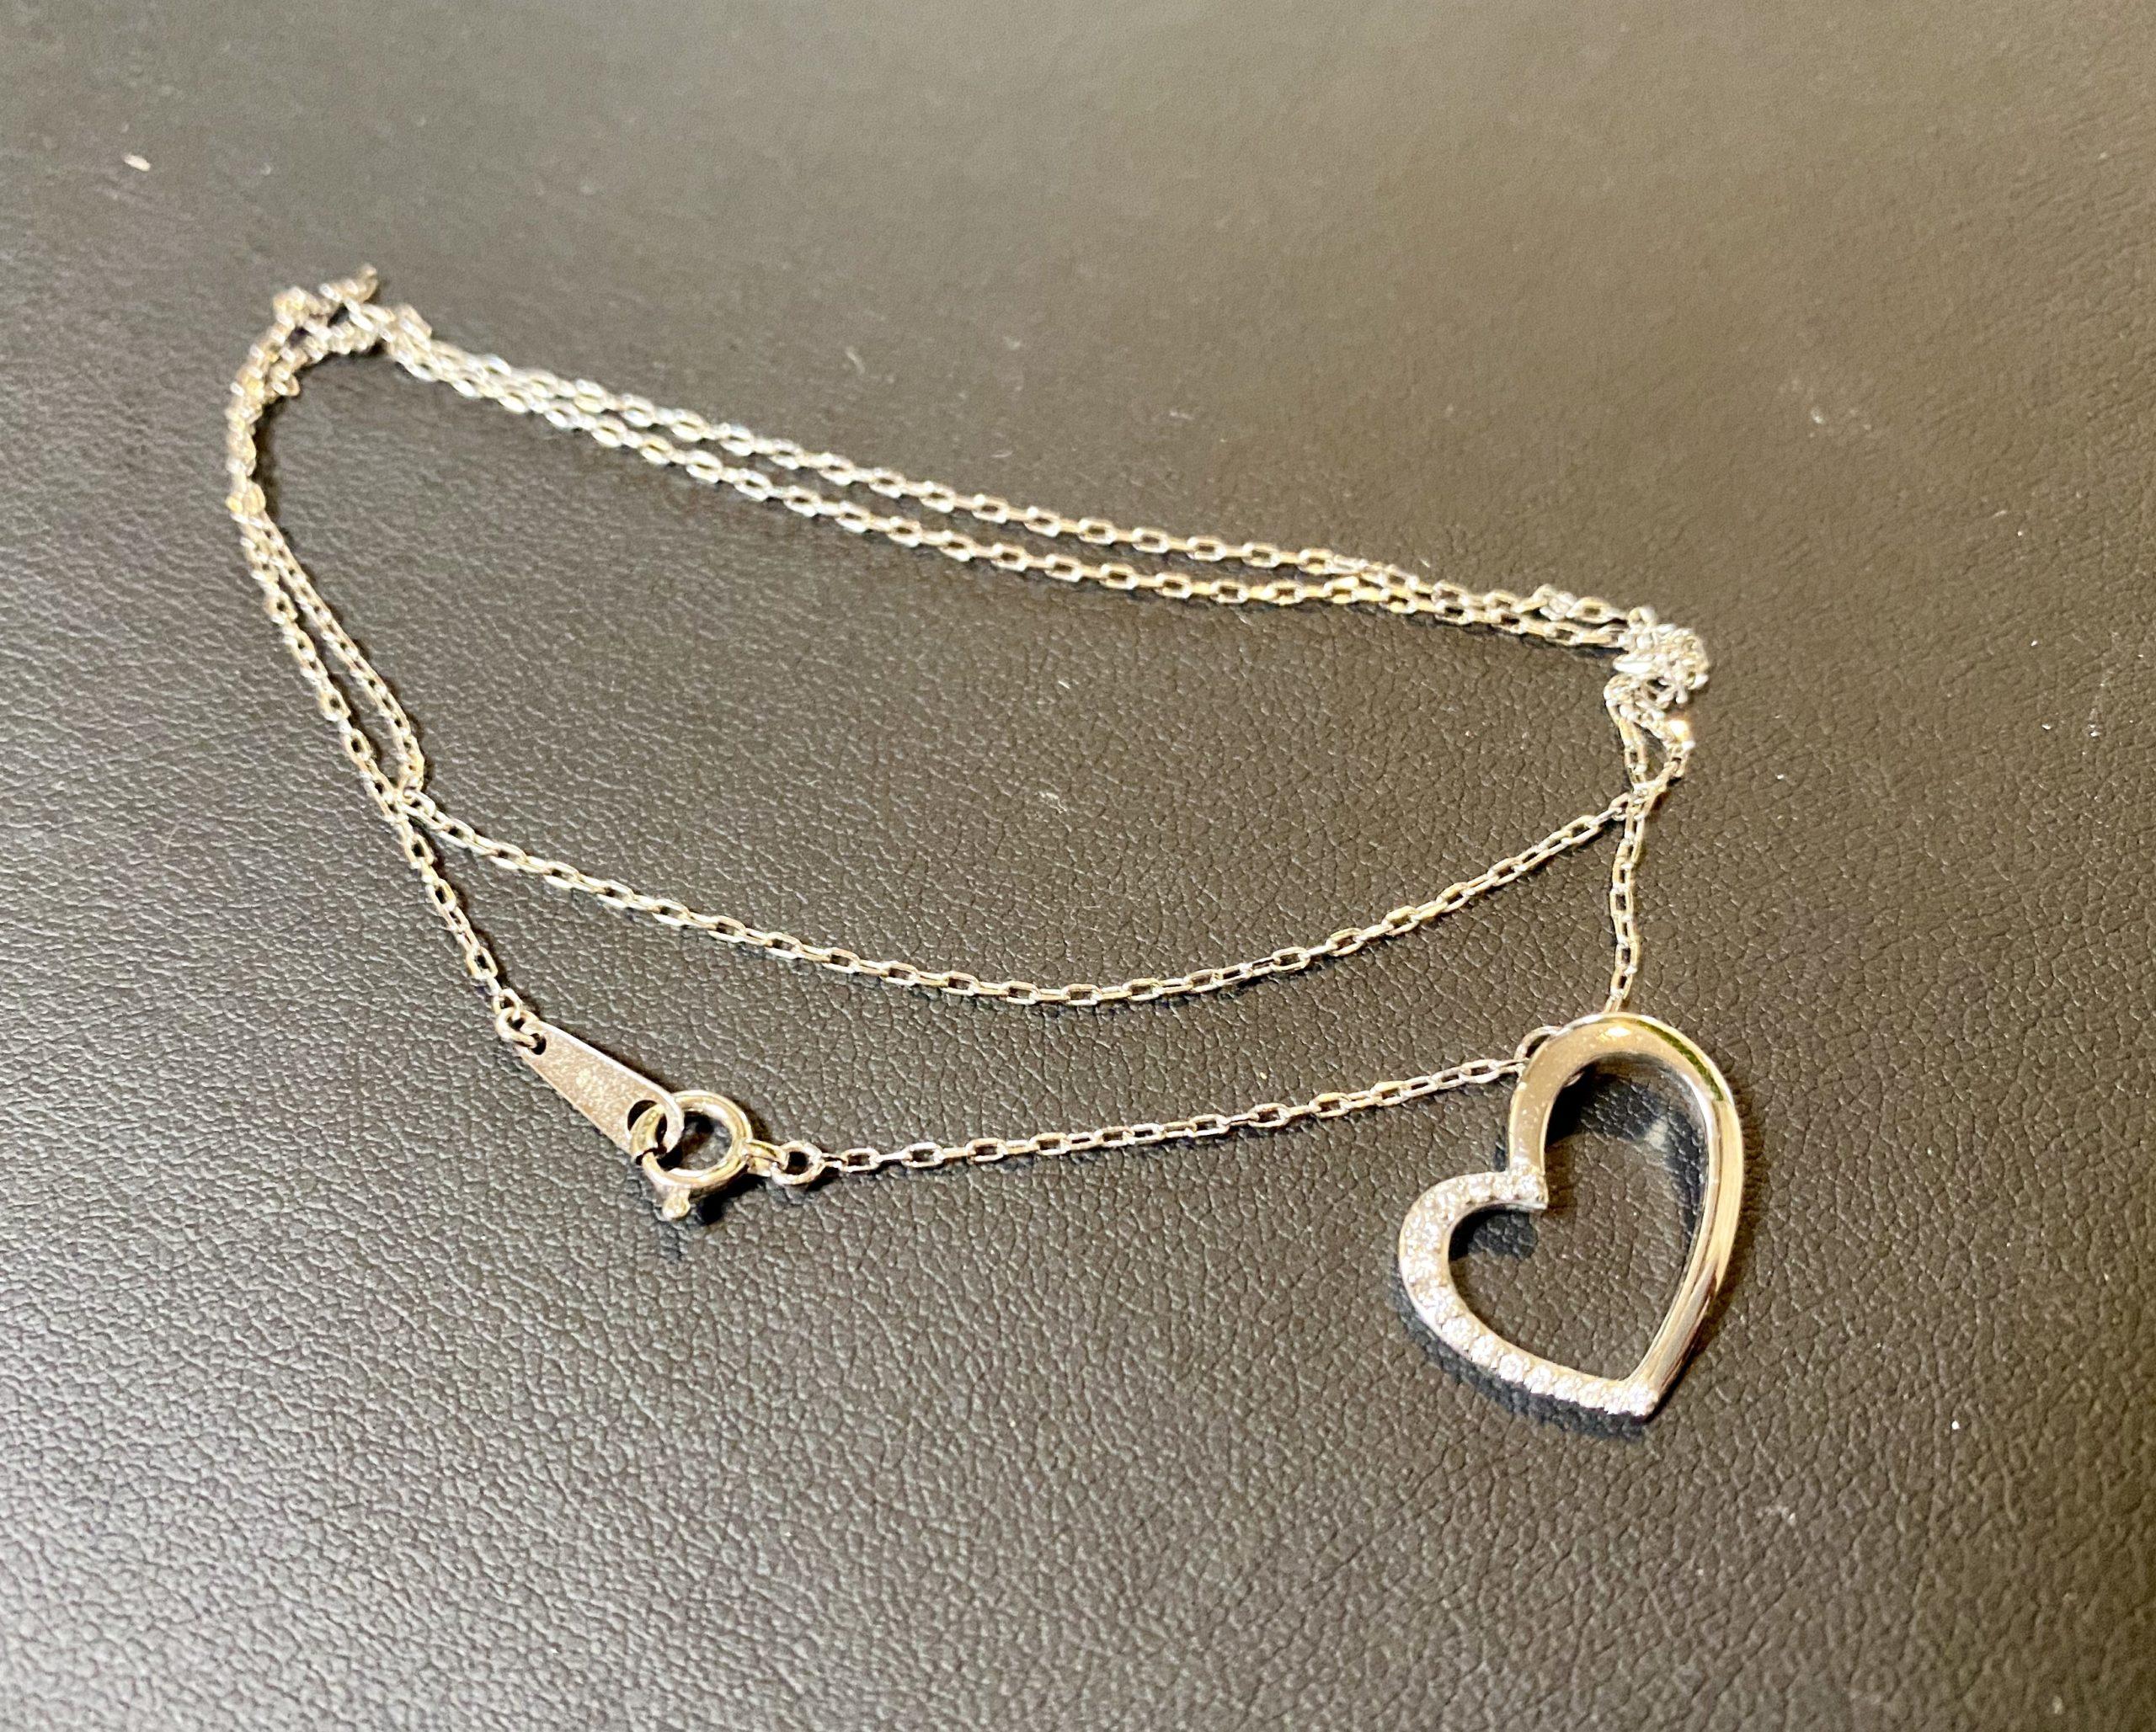 金(K18,18金)ヴァンドーム青山 ダイヤモンドネックレスをお買取させていただきました。